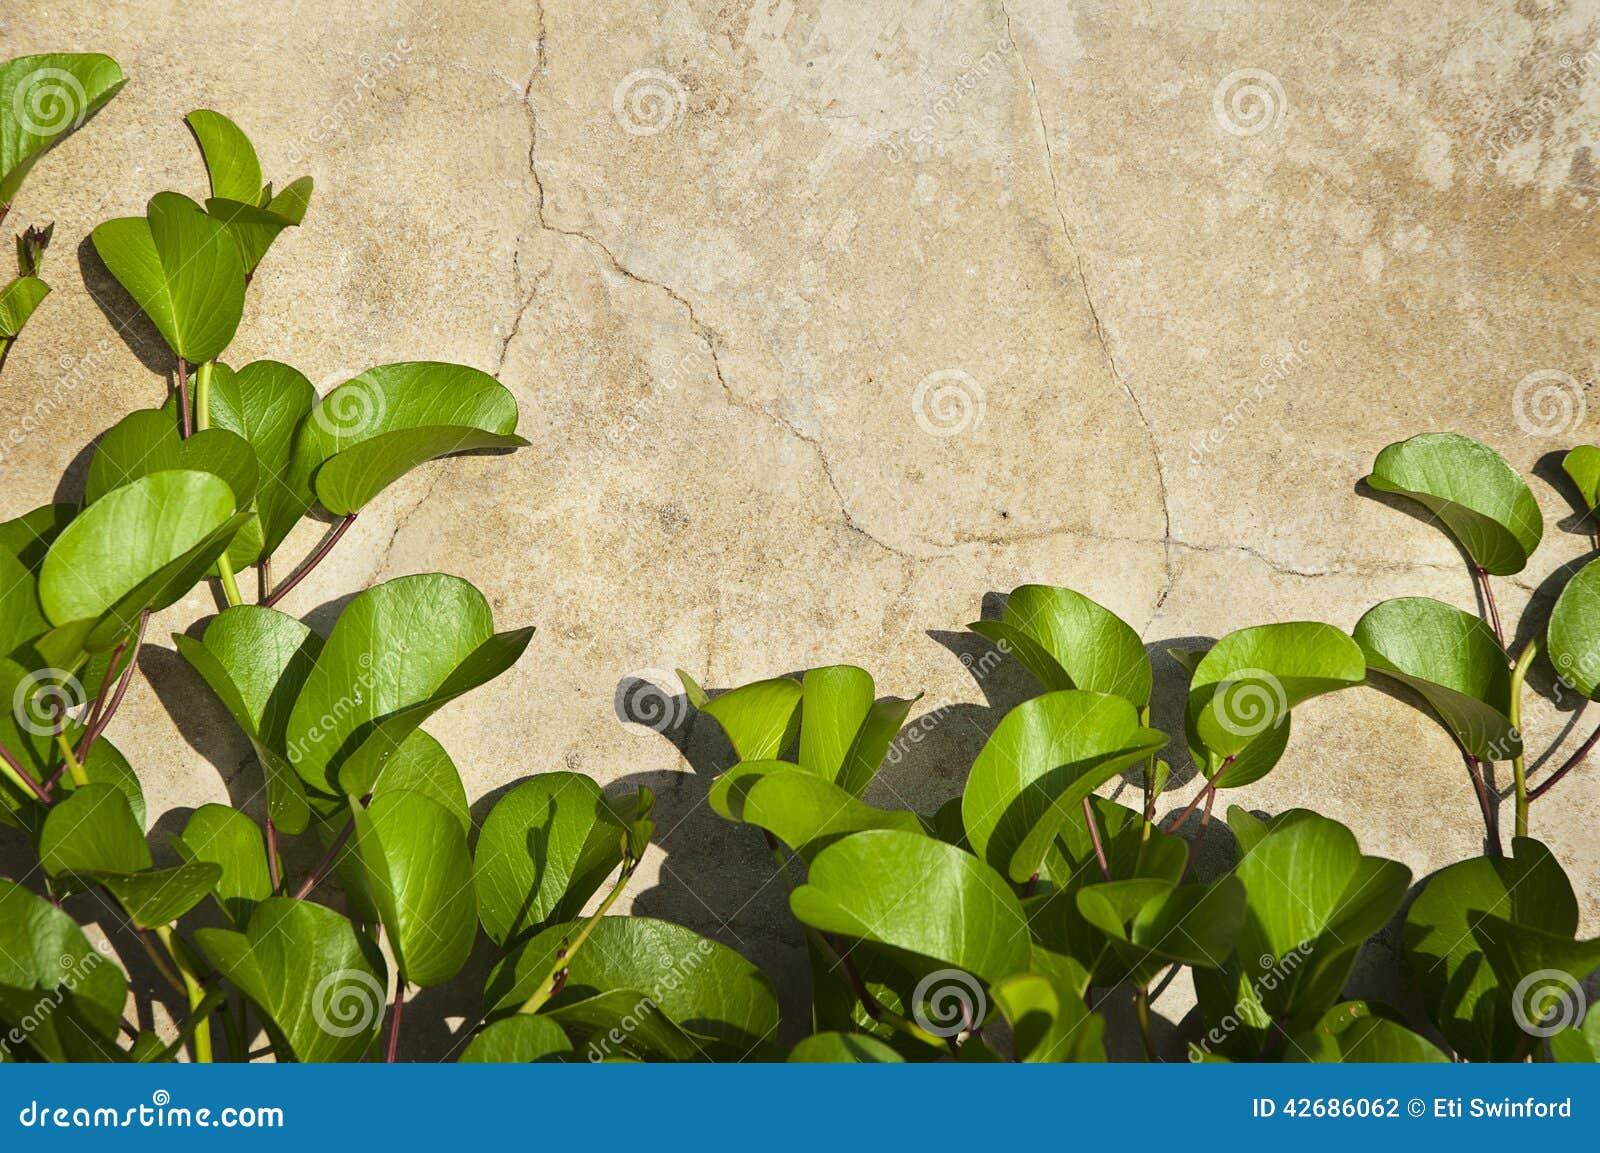 Textura de pedra com folhas verdes